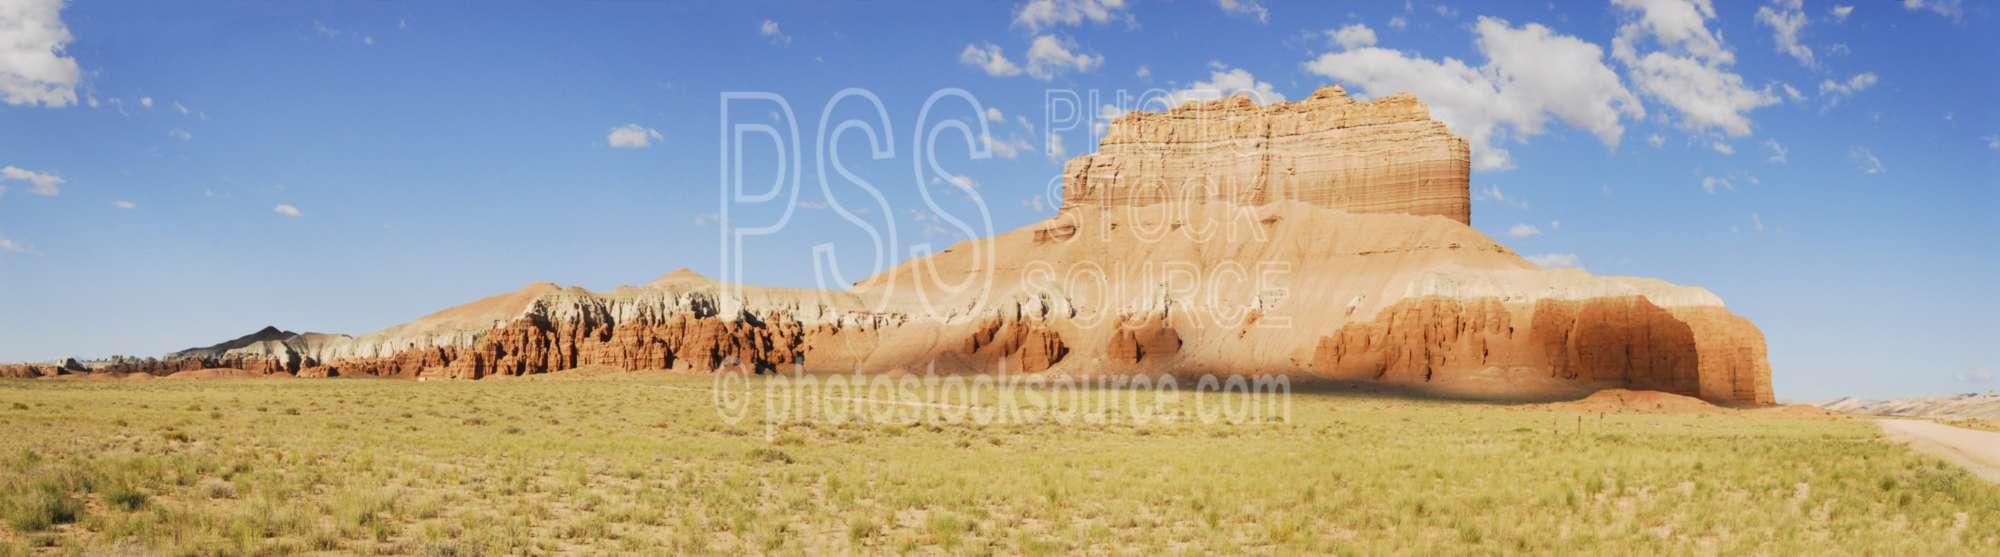 Wildhorse Butte